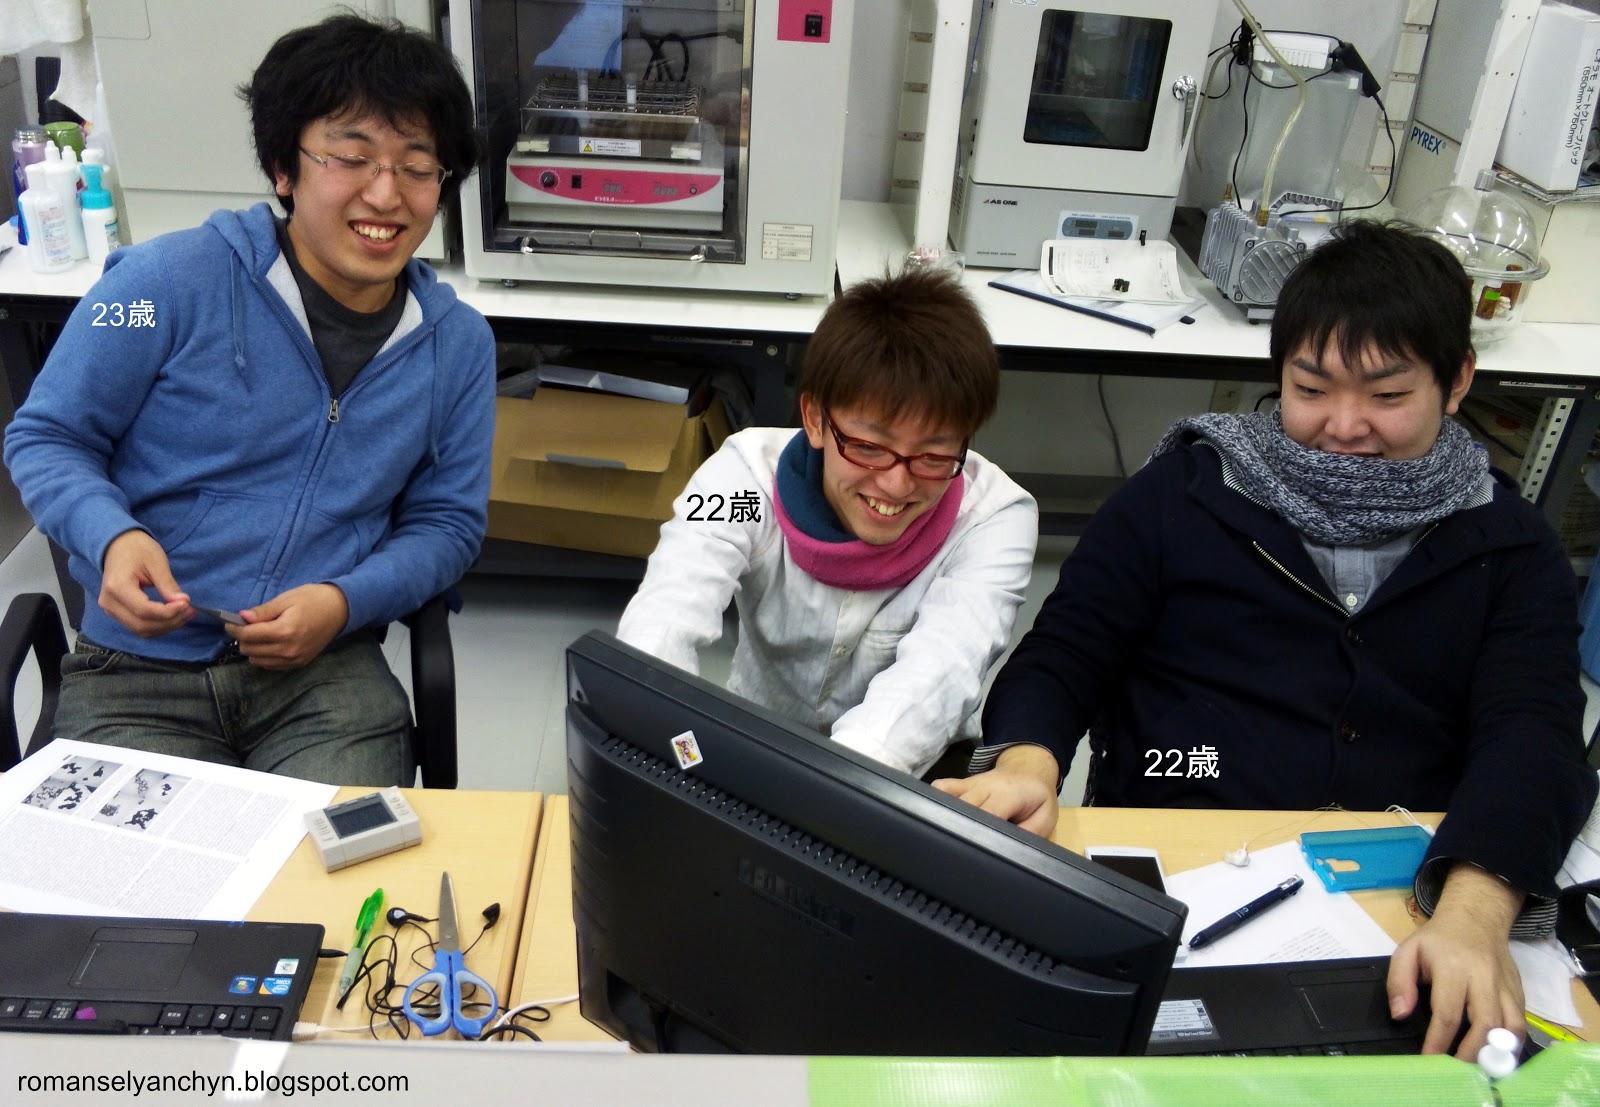 Selyanchyn in Japan  січня 2013 89792dd91cc47